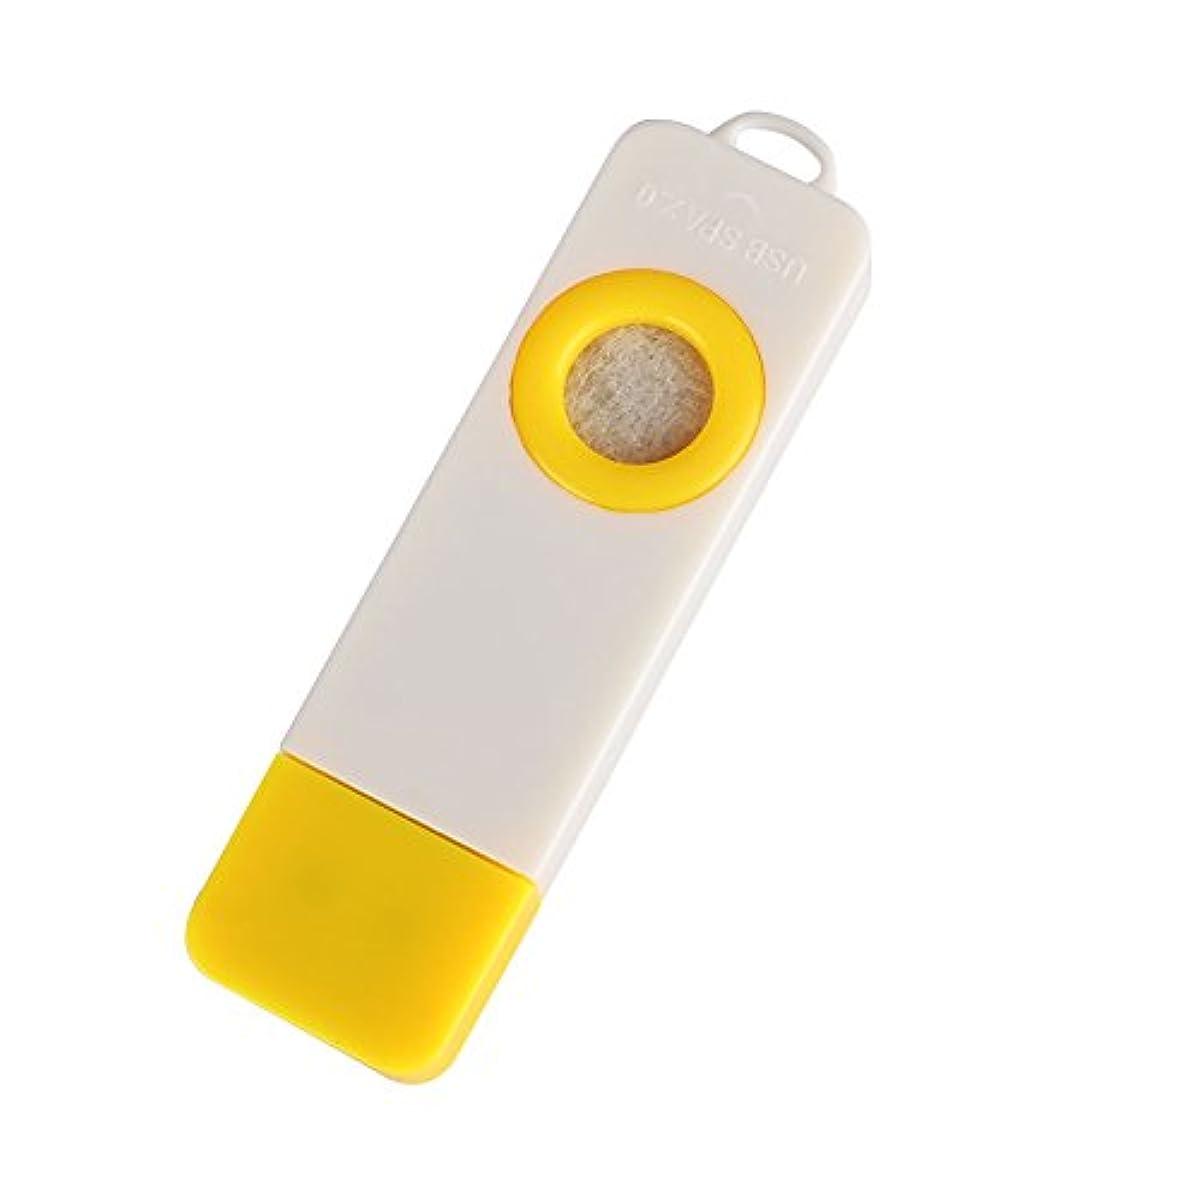 急速な苦しめる冬TOPmountain ファッションミニ USBアロマセラピーディフューザー ポータブル自動香 カーアクセサリーアクセサリー ホームアロマセラピー 健康アロマ オイル加湿器